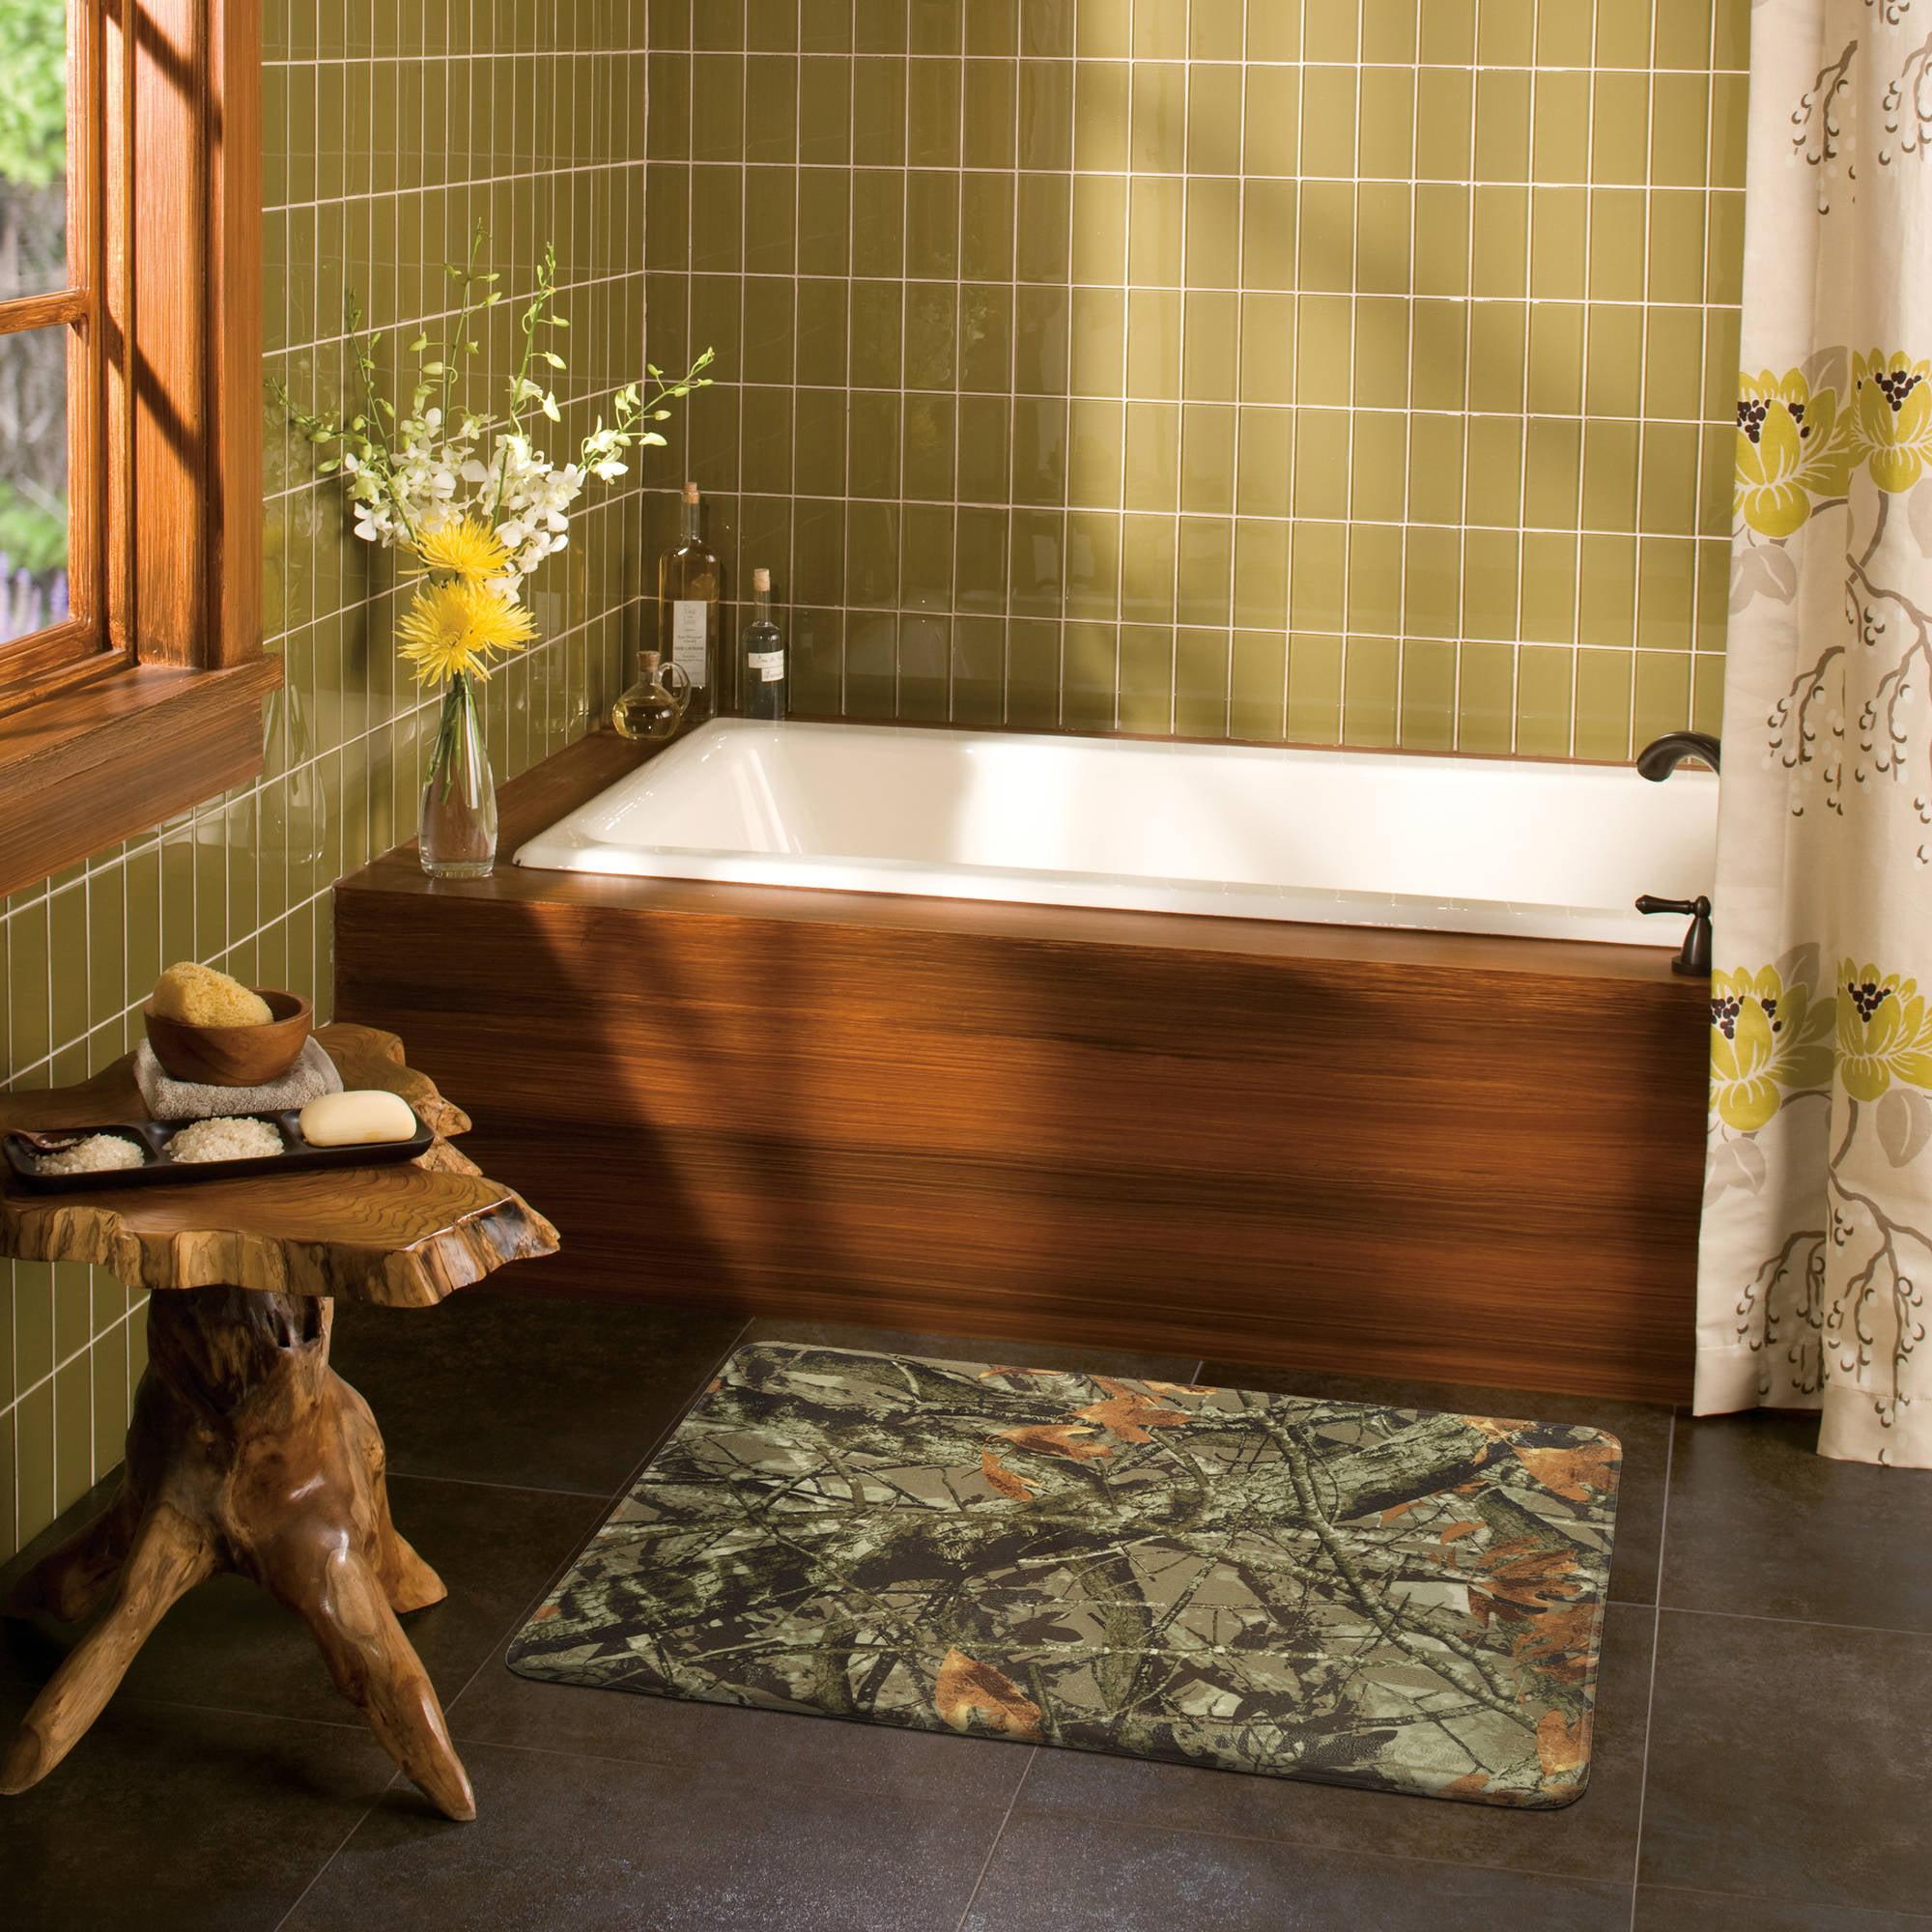 Mainstays Ozark Trail Memory Foam Bath Rug, 1 Each